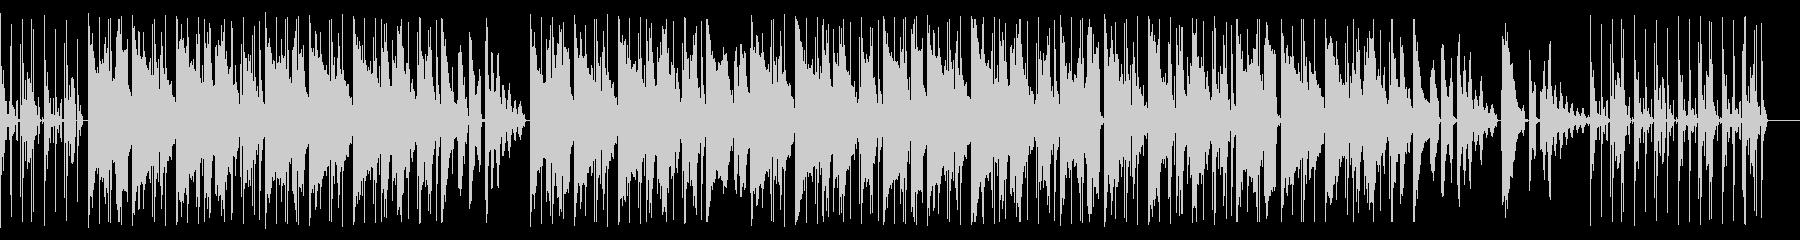 切ない旋律のローファイなHIPHOPの未再生の波形